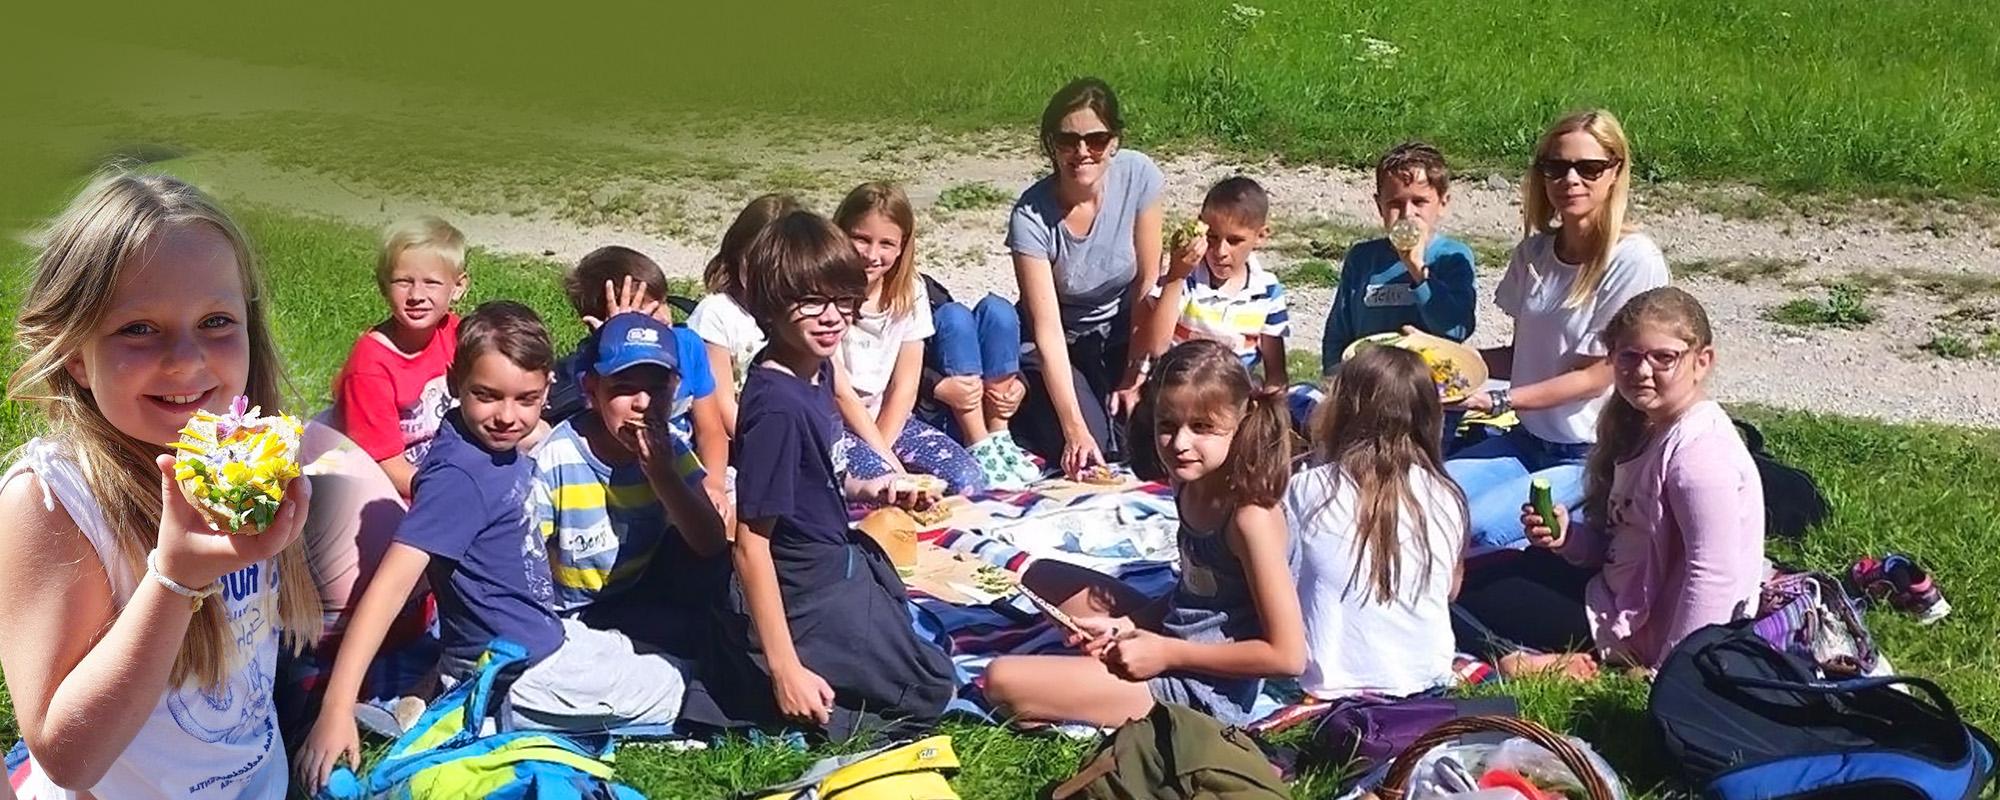 Kräuterwanderung VS Mondsee - Gesunde Gemeinde Mondsee